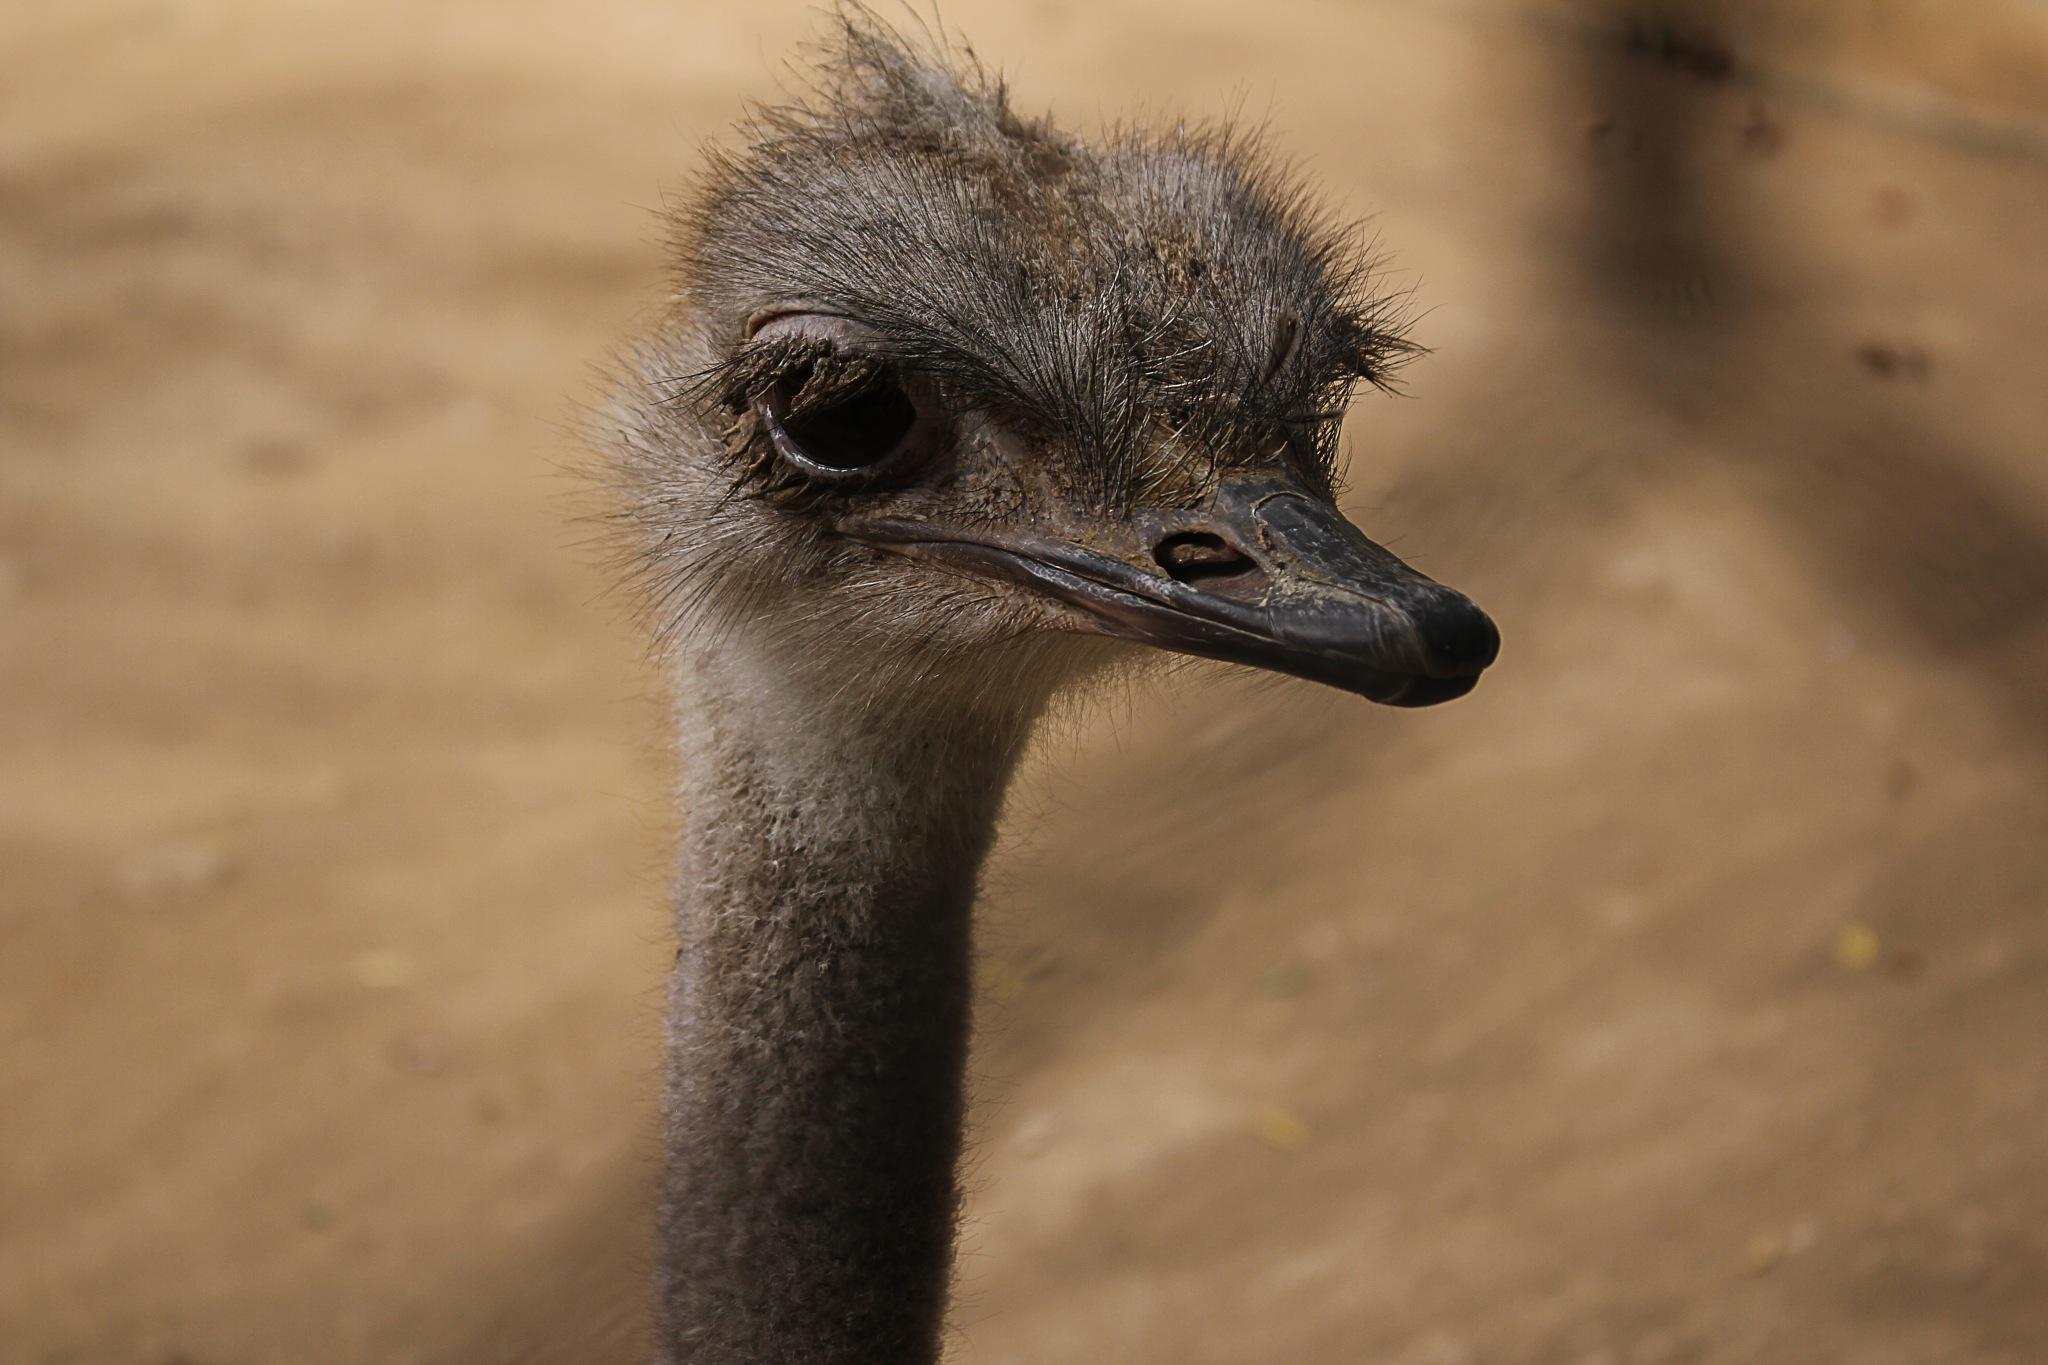 ostrich by berrim othmane